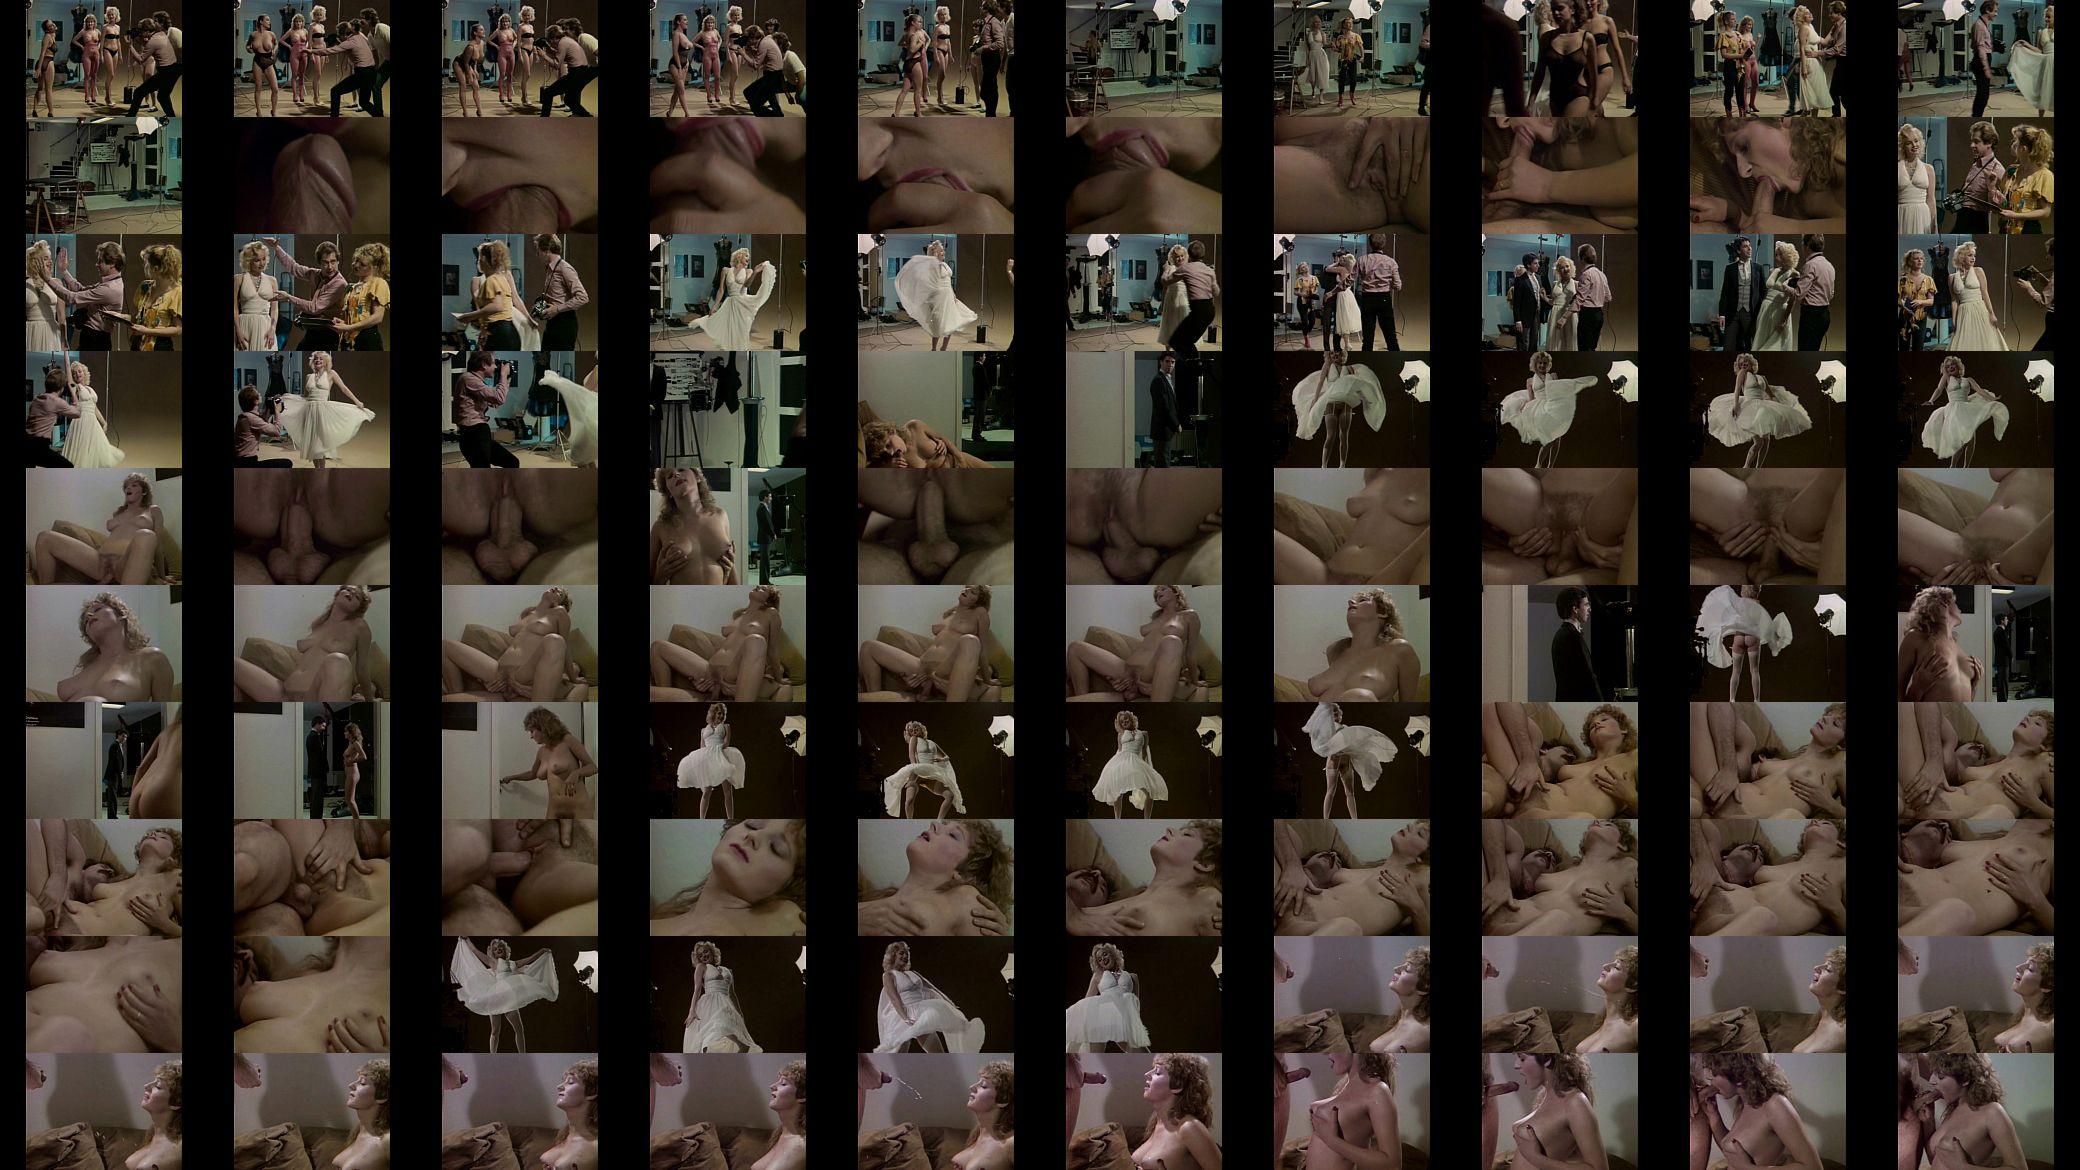 Puta amateur sex-mex.blogspot.com